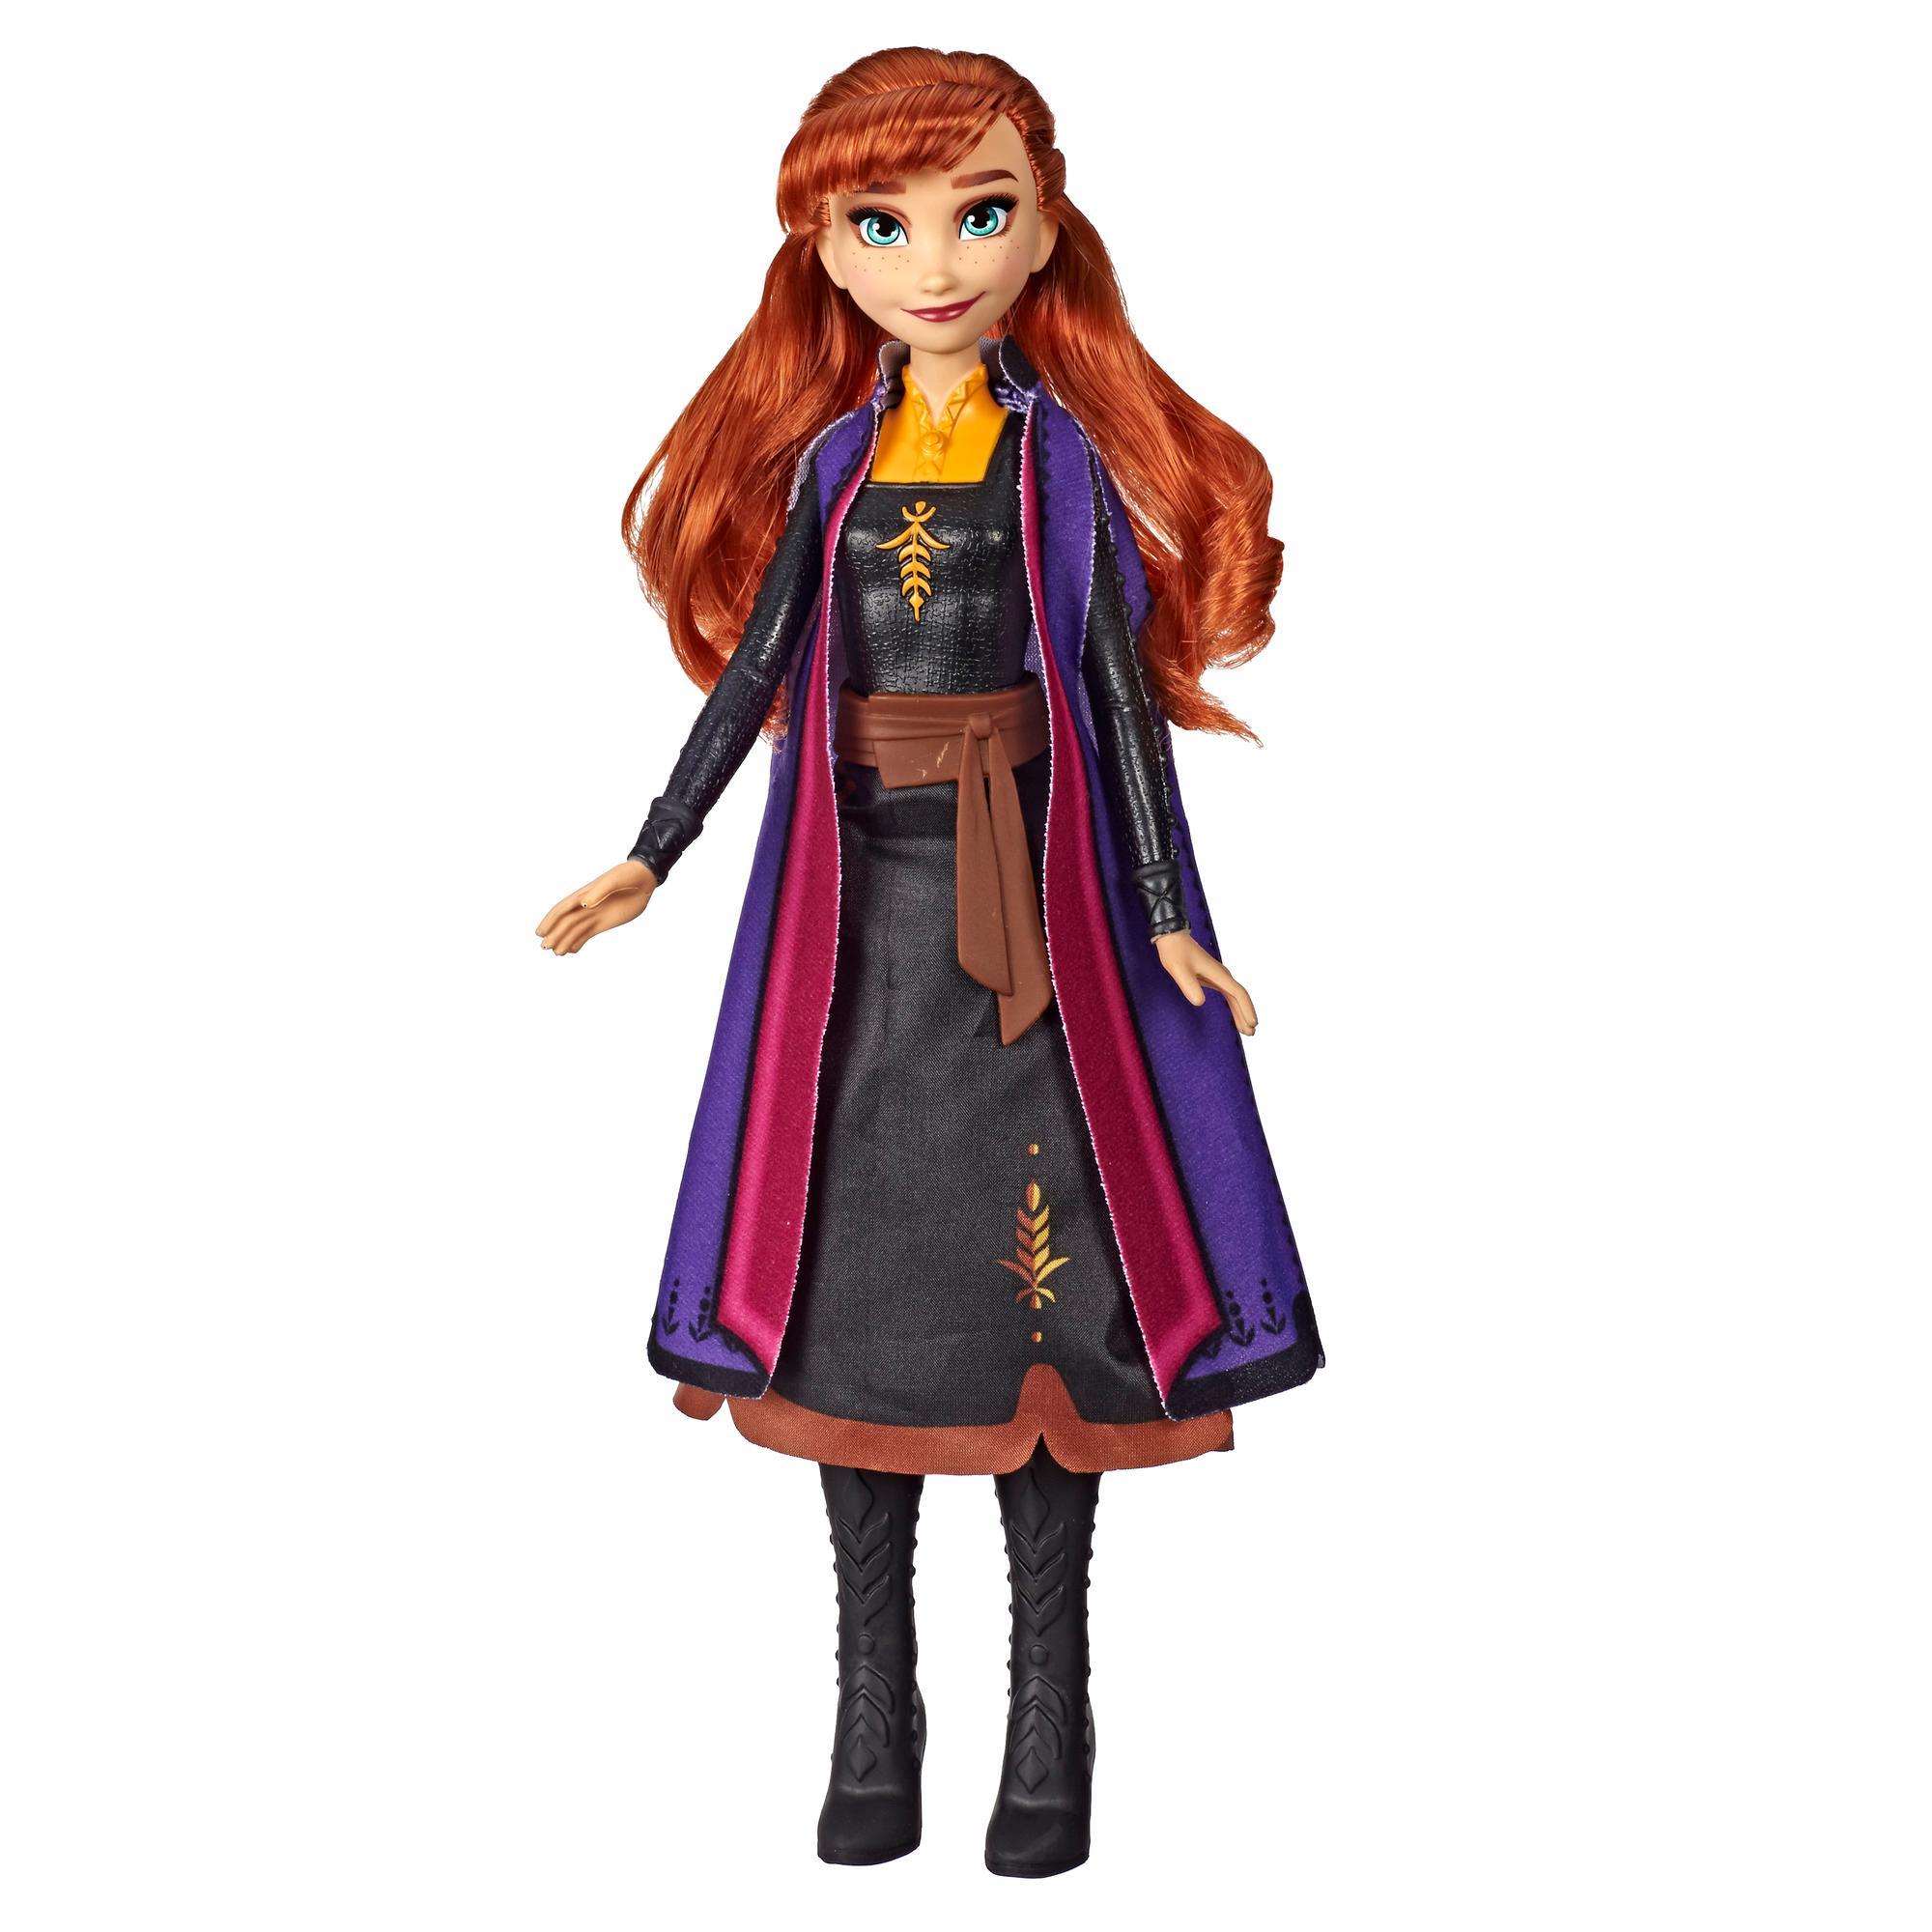 Disney Frozen - Anna Aventura mágica - Muñeca que se ilumina inspirada en la película Frozen 2 de Disney - Juguete para niños y niñas de 3 años en adelante